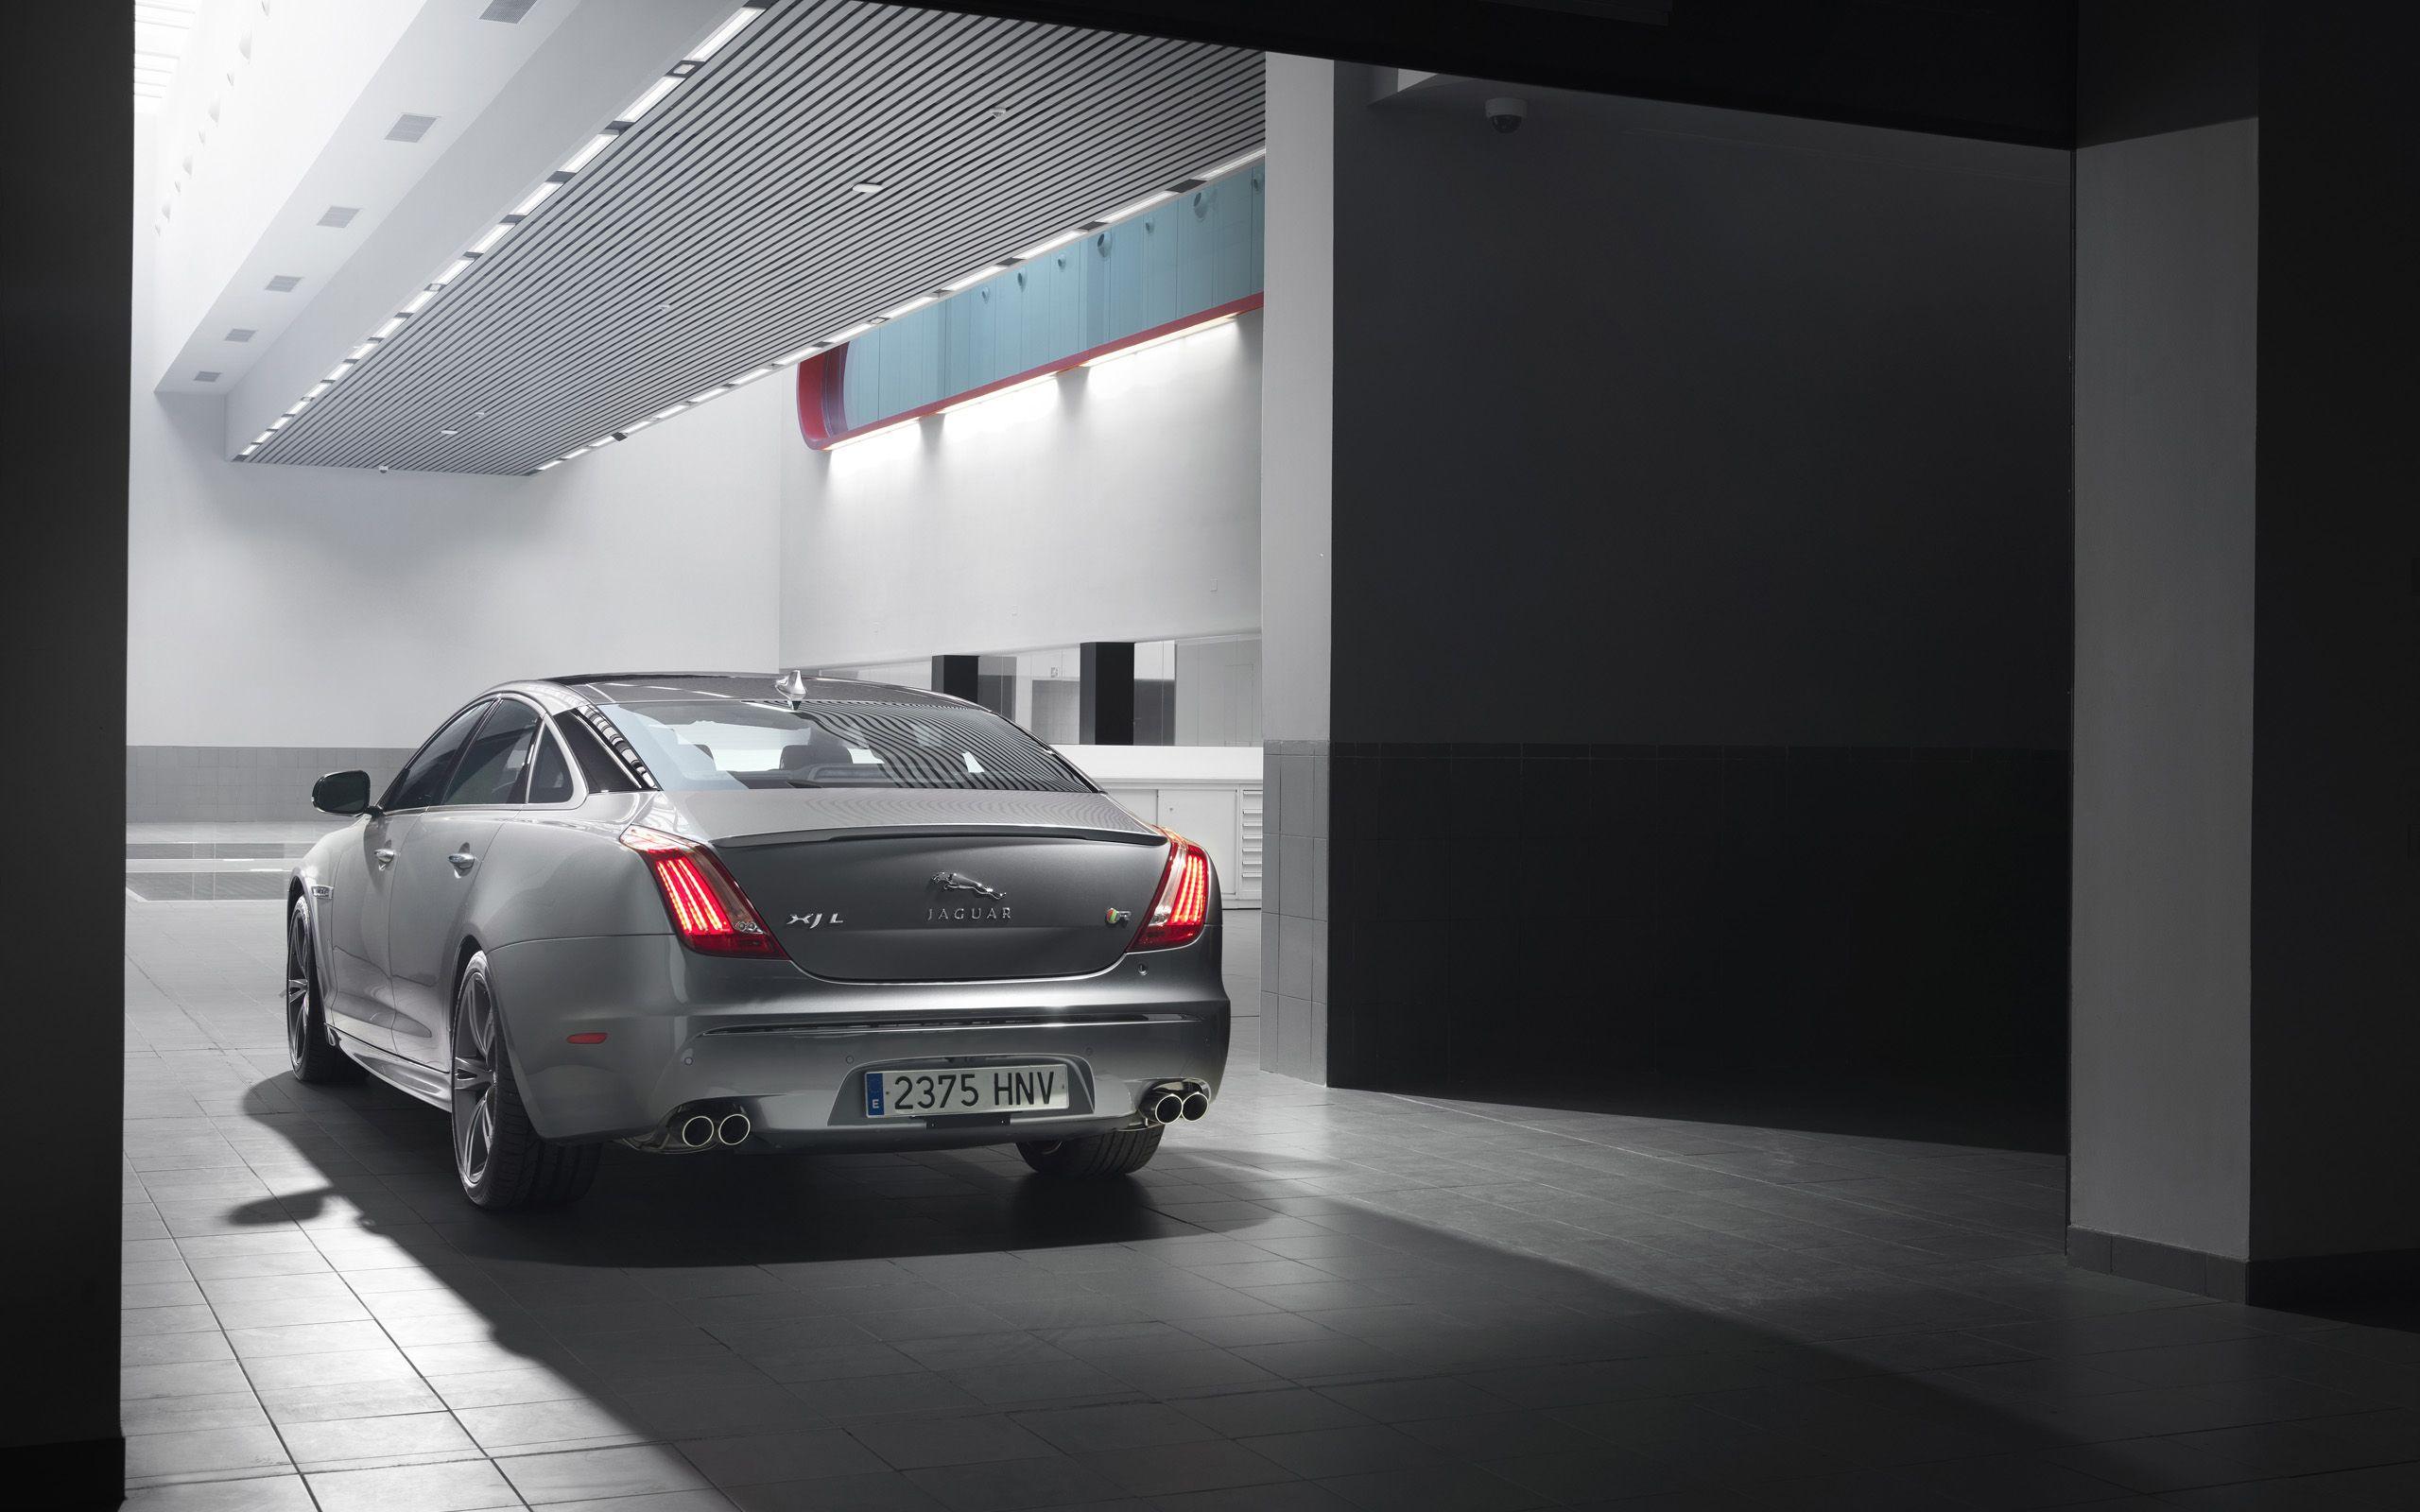 2013-Jaguar-XJR-Static-5-2560x1600.jpg (2560×1600)